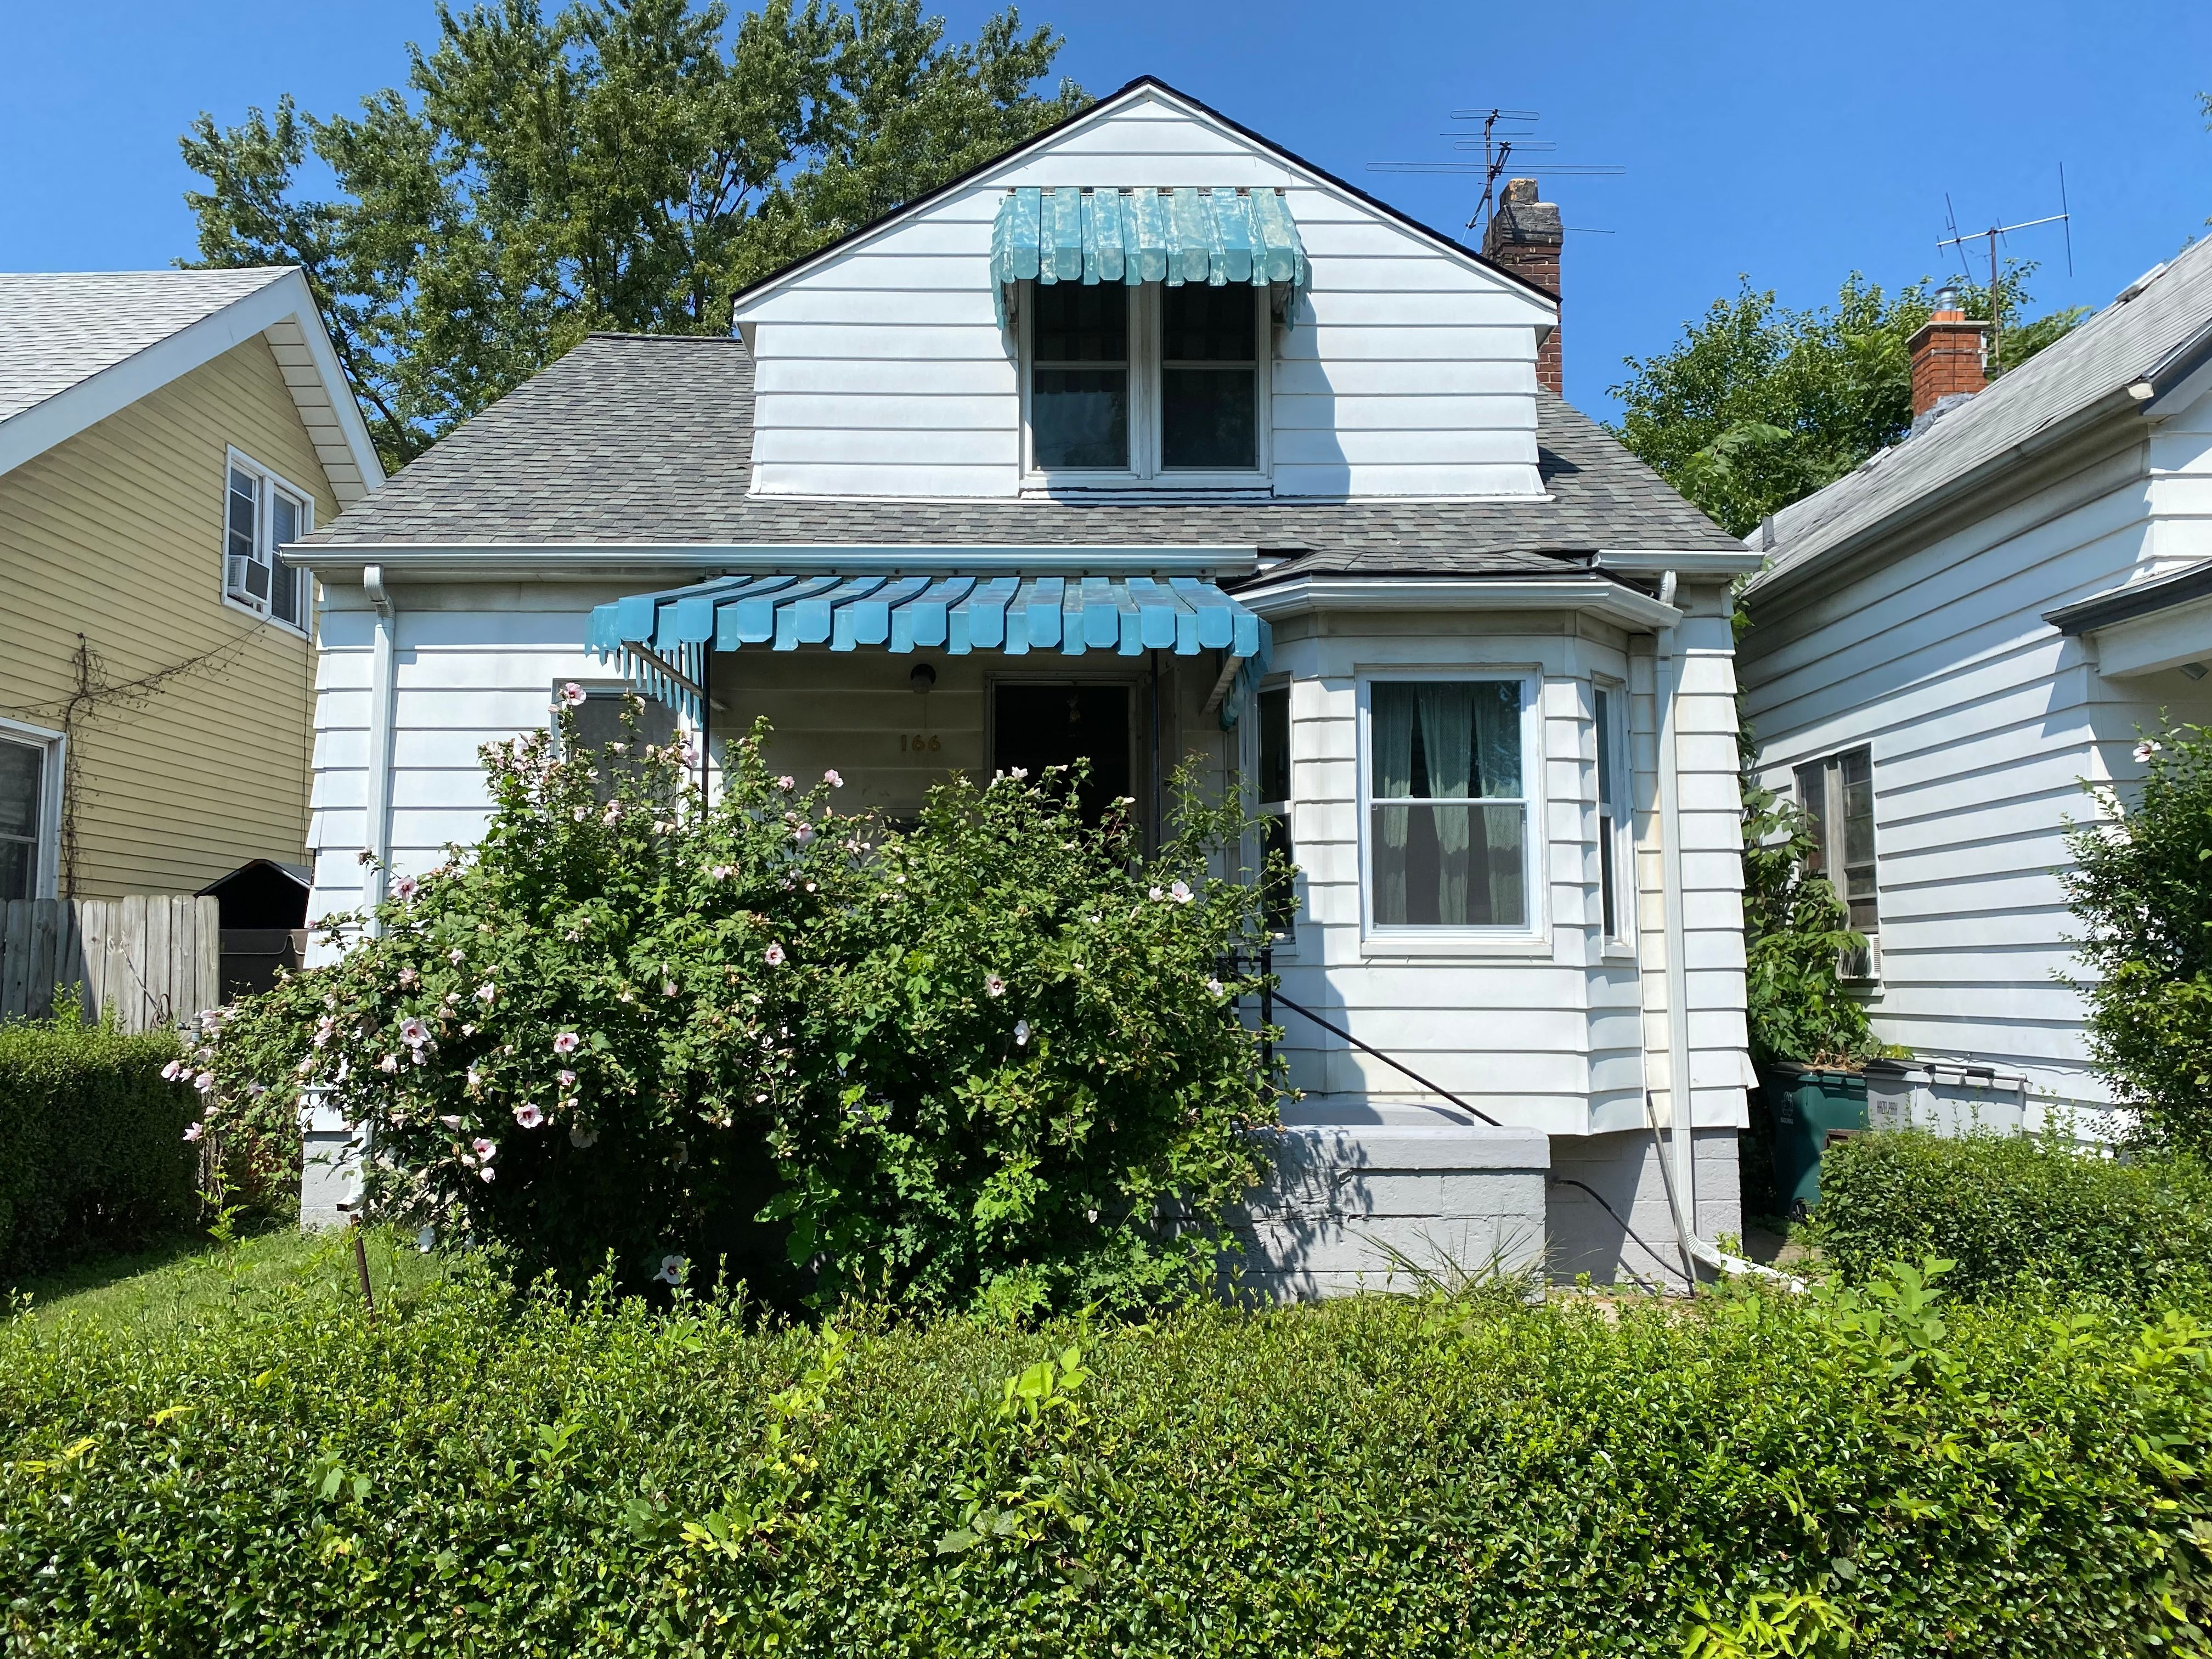 166 W George Ave, Hazel Park, MI